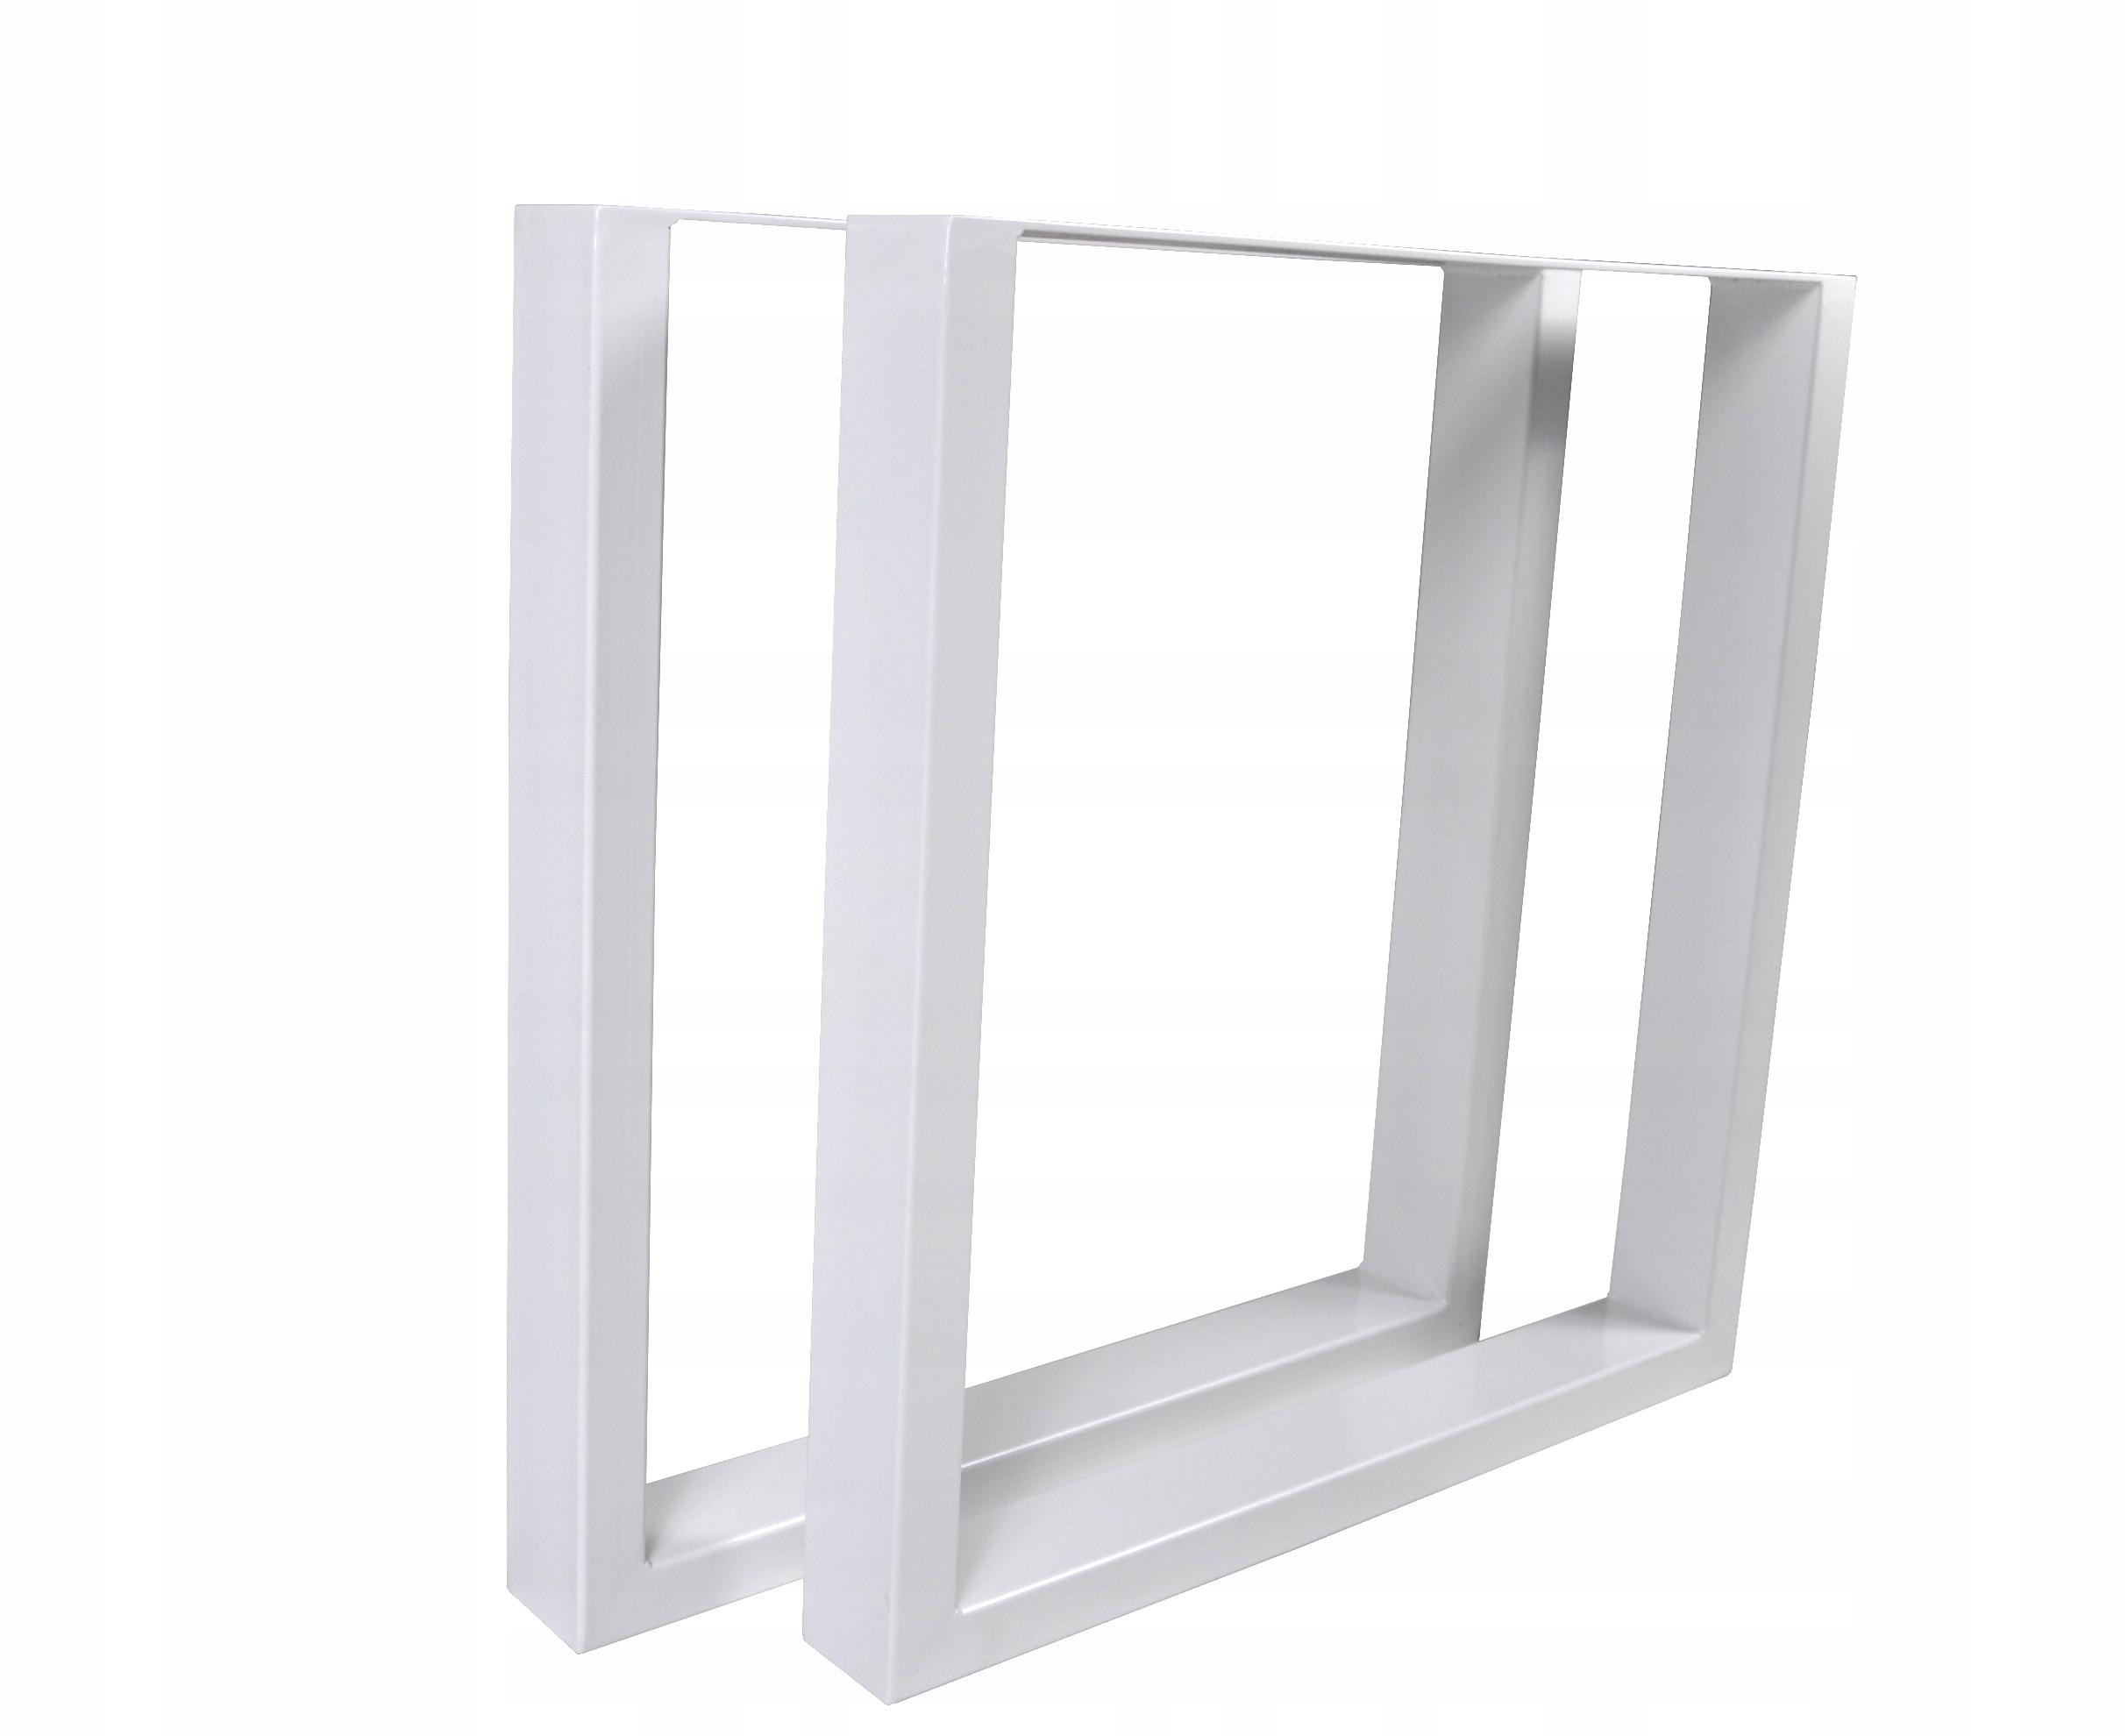 2 x kovové rámy na stôl, biele 60x72 cm